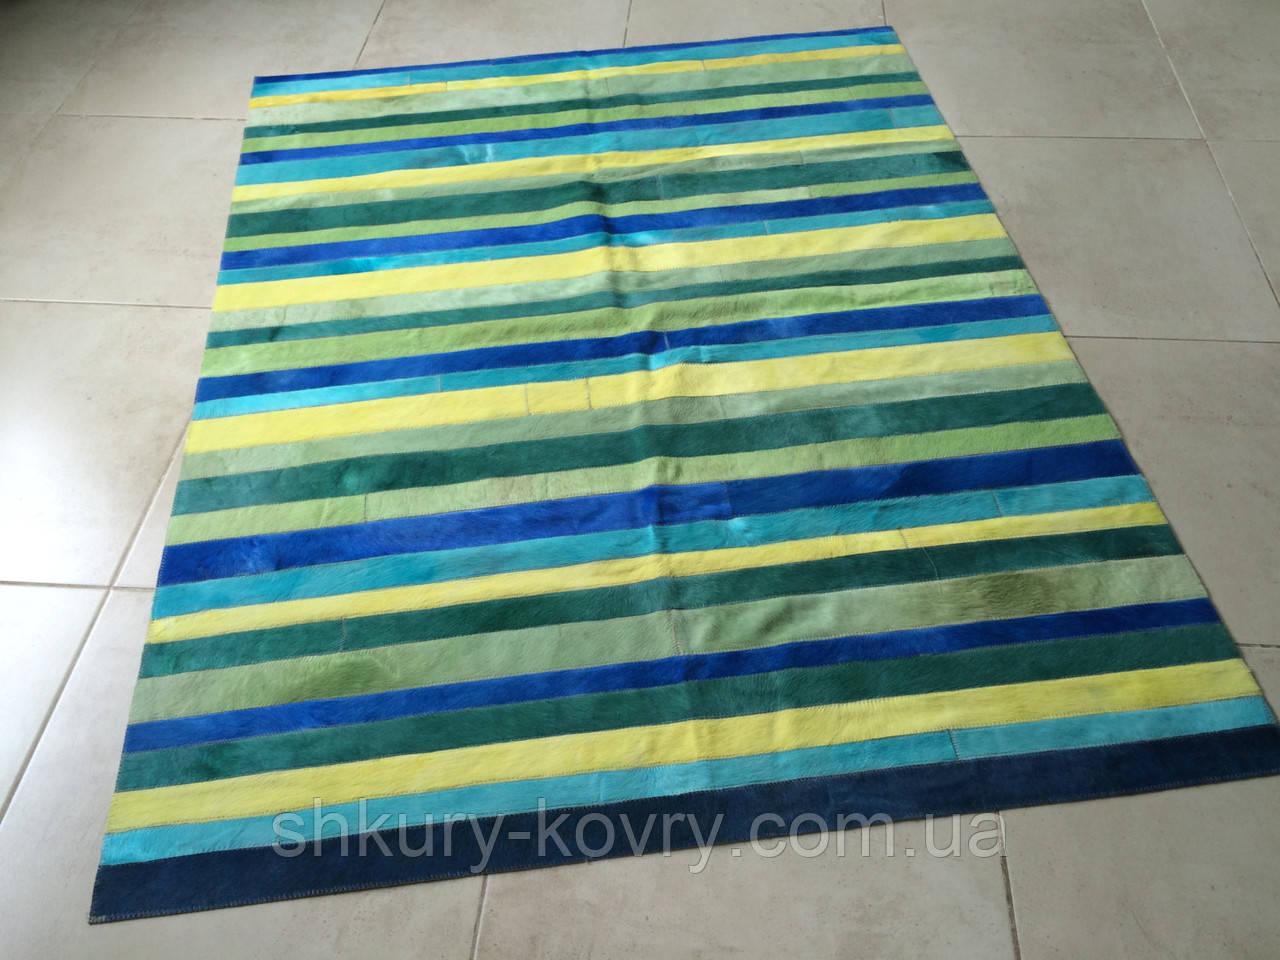 Яскравий синьо зелено жовтий килим з фарбованих смуг шкури корови